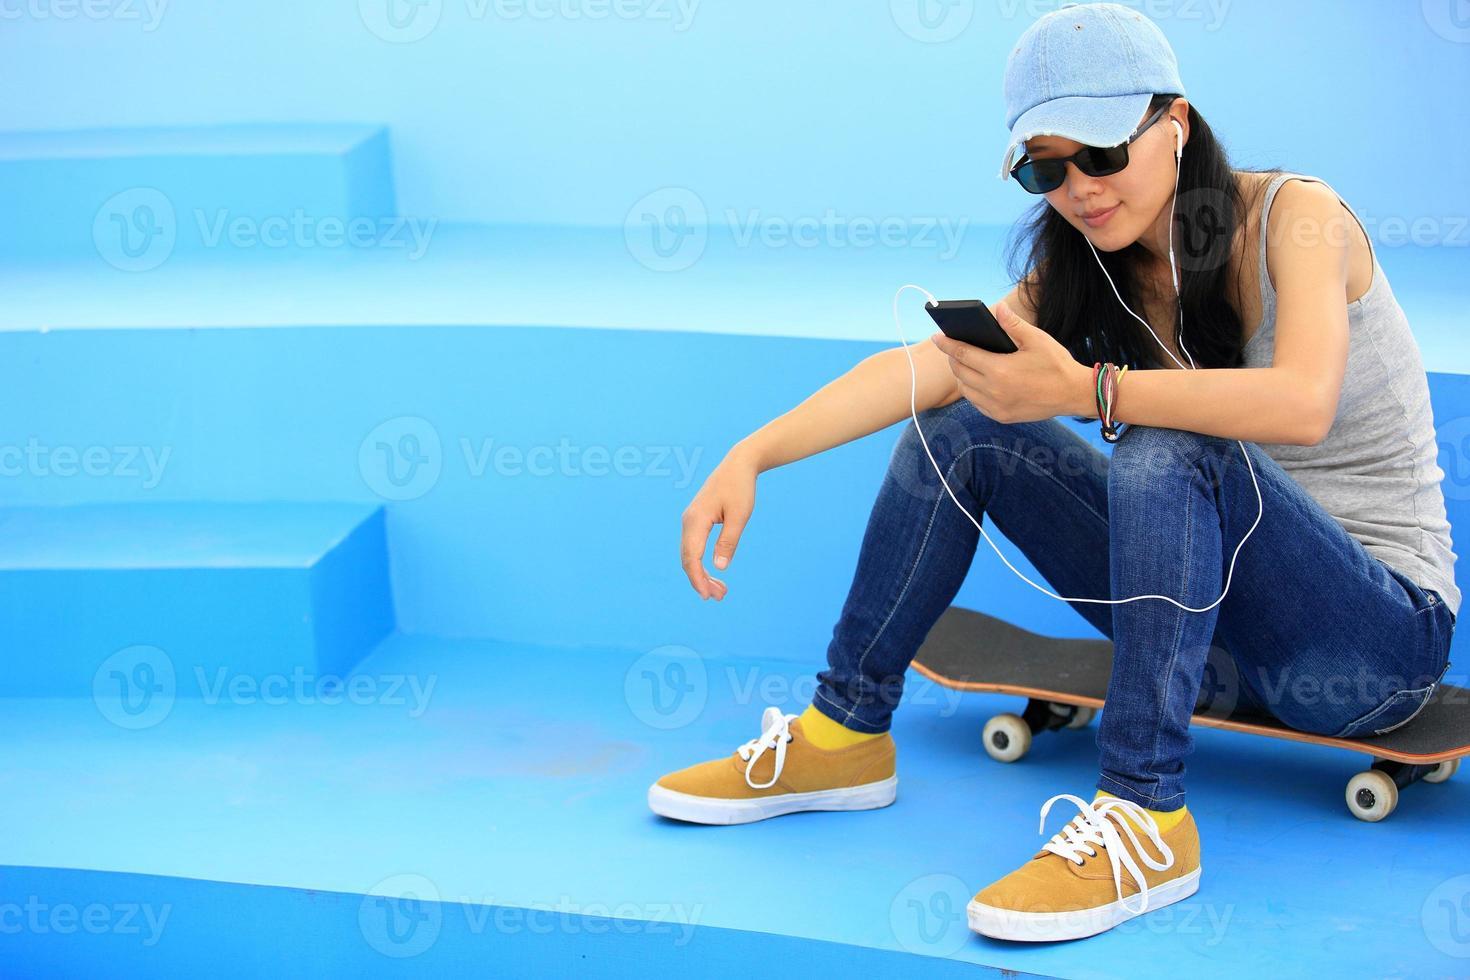 ascolto musica skateboarder donna foto